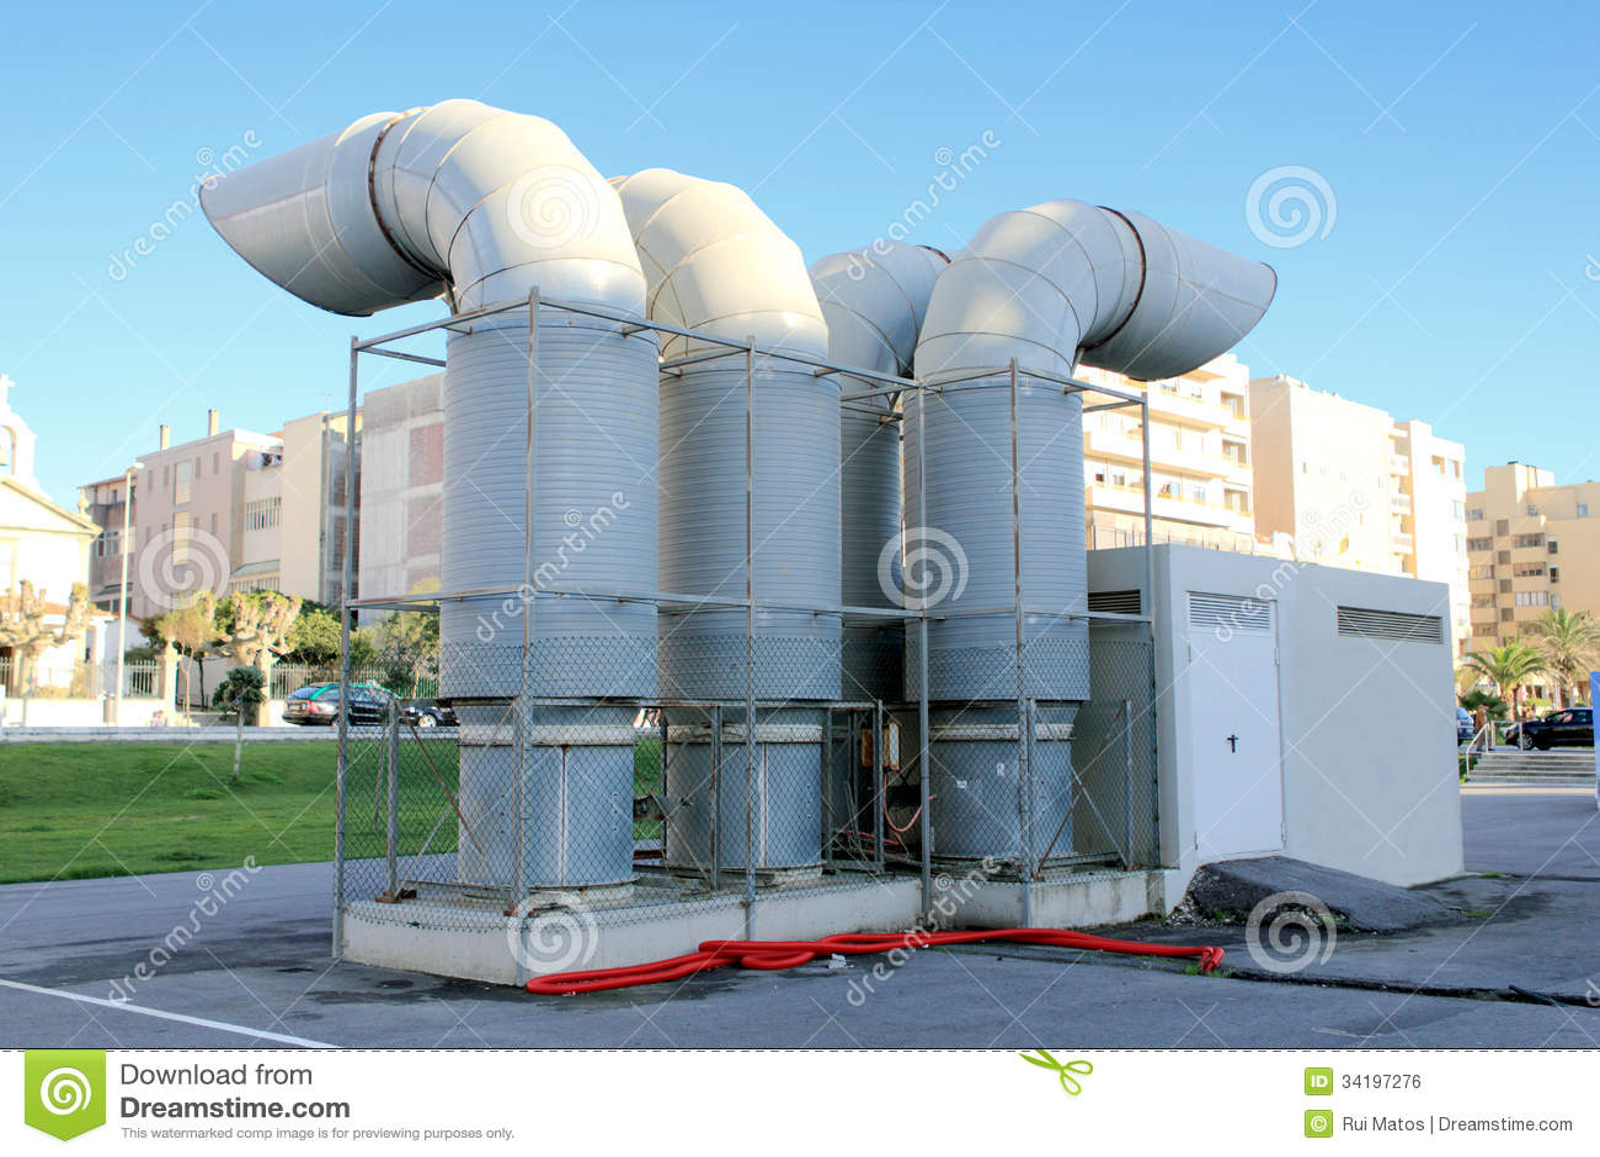 Ventilação Industrial Imagem de Stock Royalty Free Imagem  #2573A6 1300 957